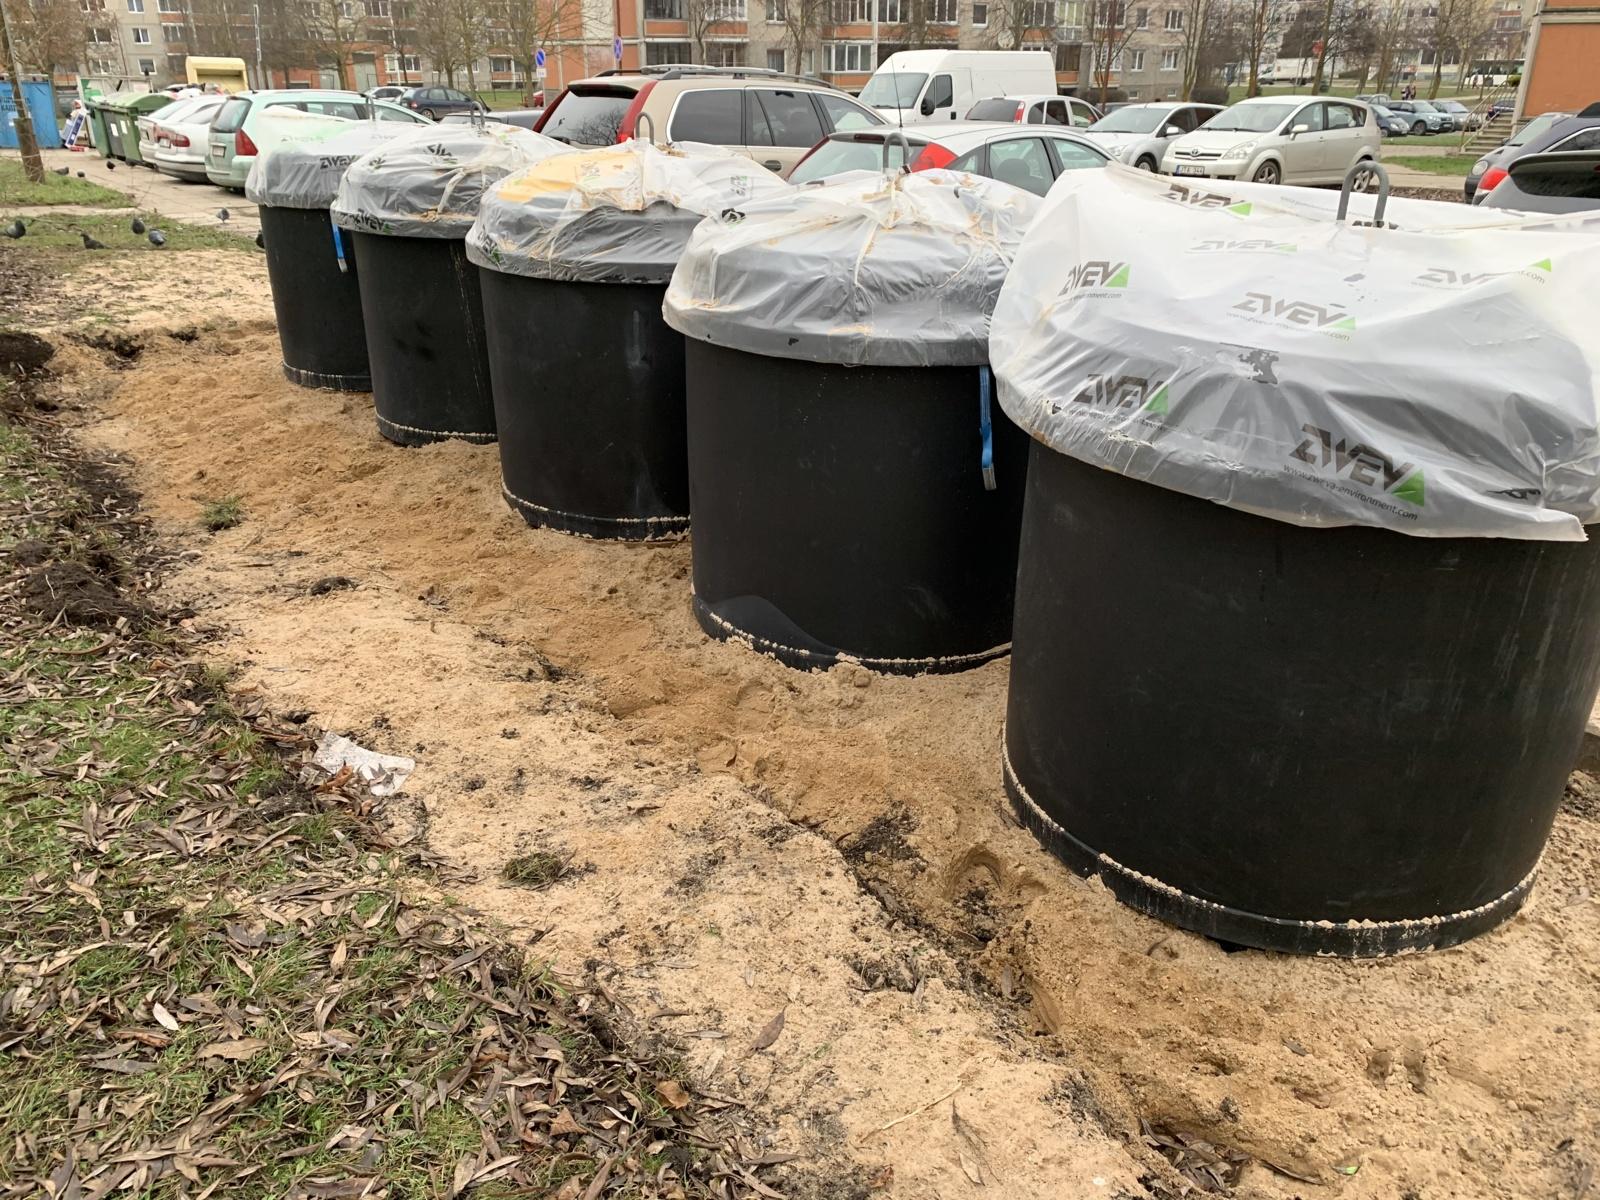 Šiauliuose jau įrenginėjamos pusiau požeminės komunalinių atliekų surinkimo konteinerių aikštelės